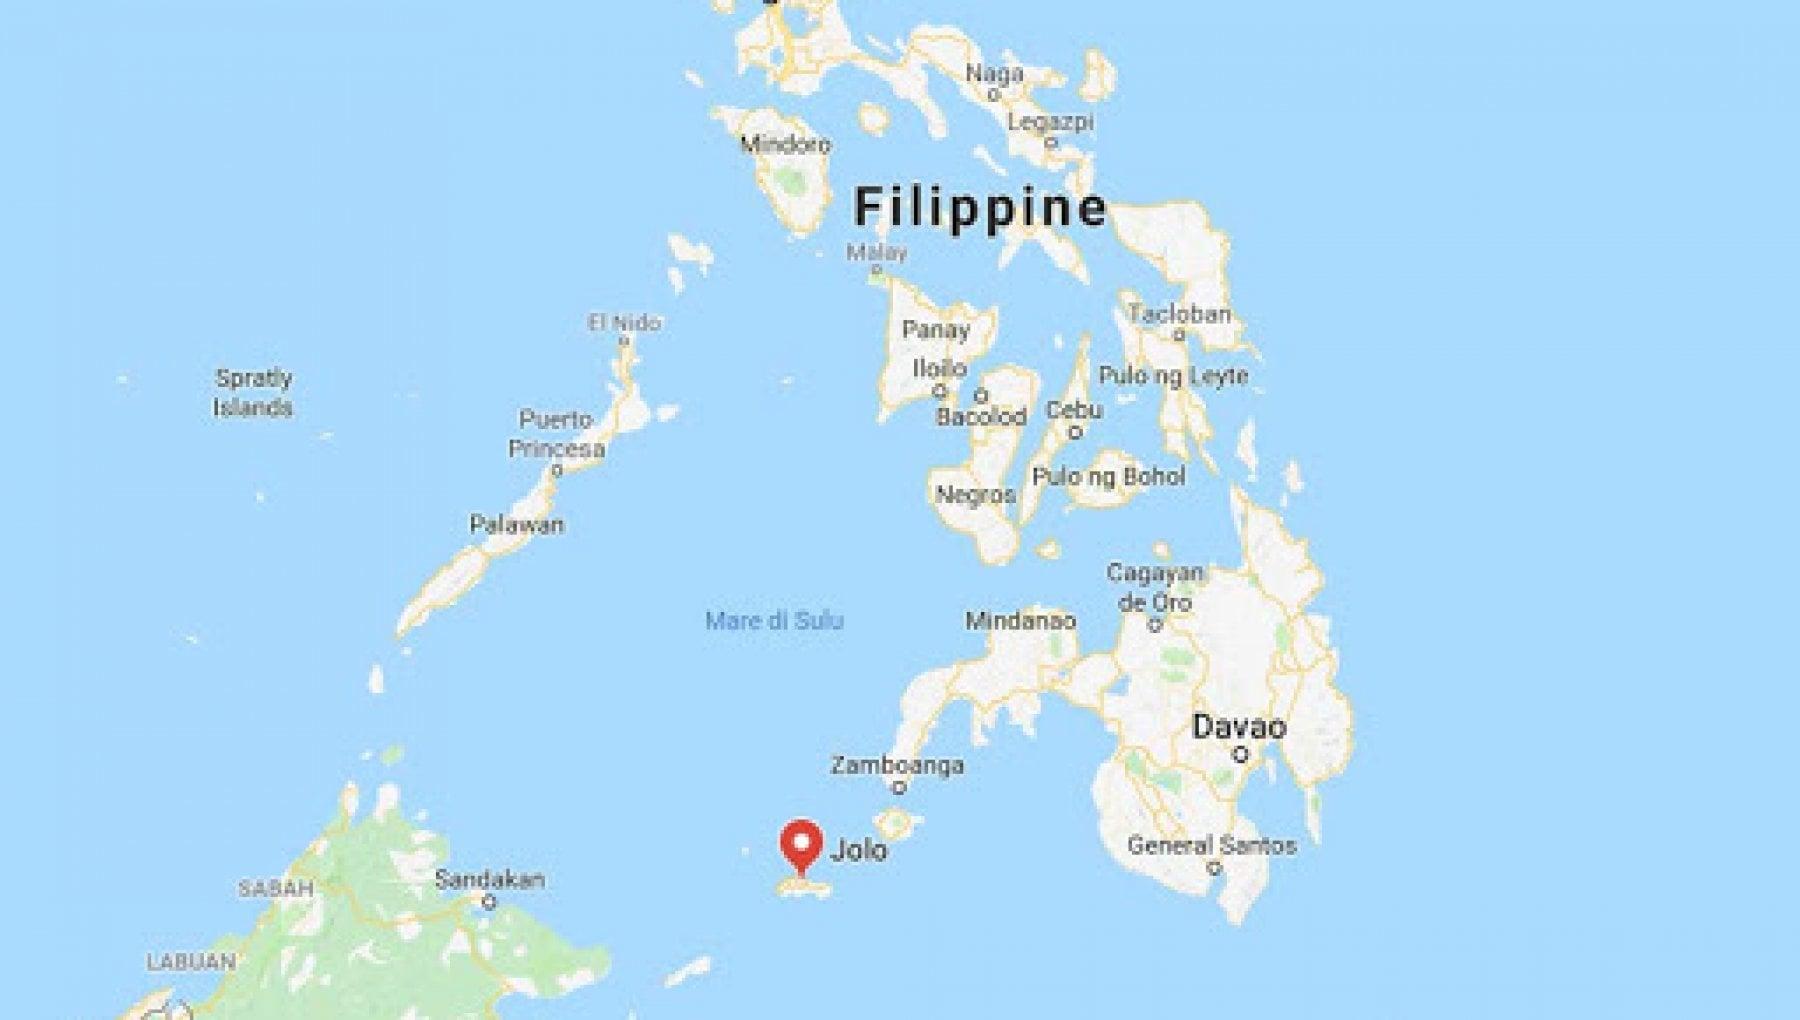 072215649 12c6a73f 088c 4f4a 803e b9ac12a7297c - Filippine, precipita aereo militare con 85 persone a bordo: trovati 40 superstiti